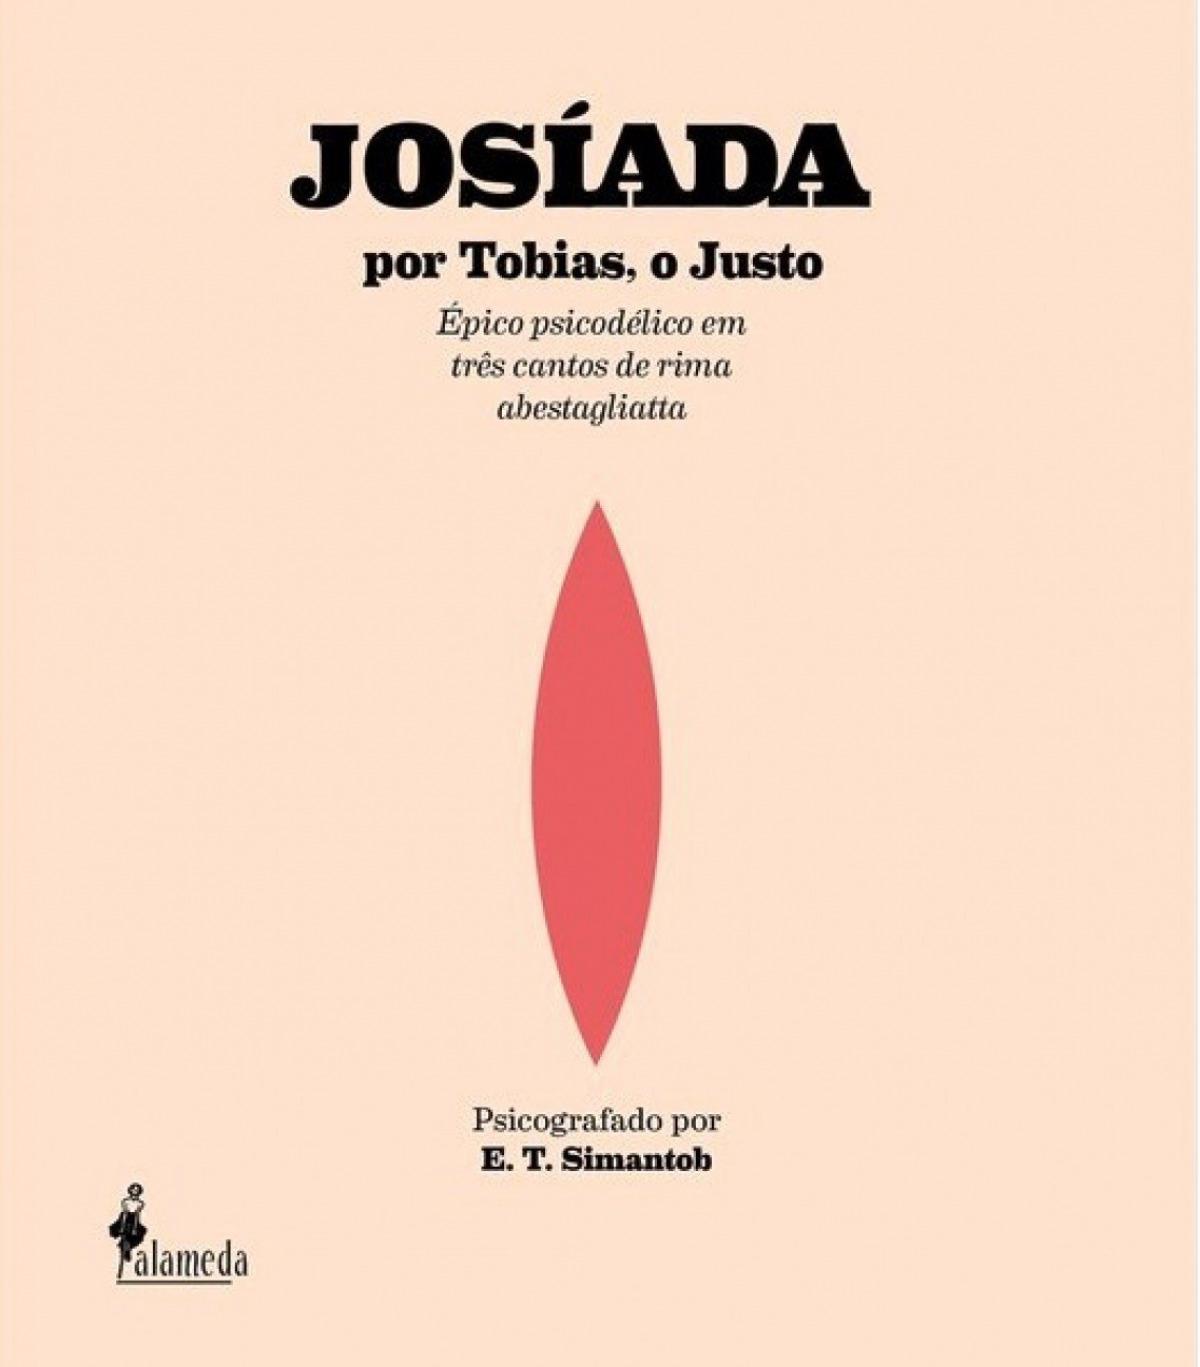 JOSIADA - POR TOBIAS, O JUSTO